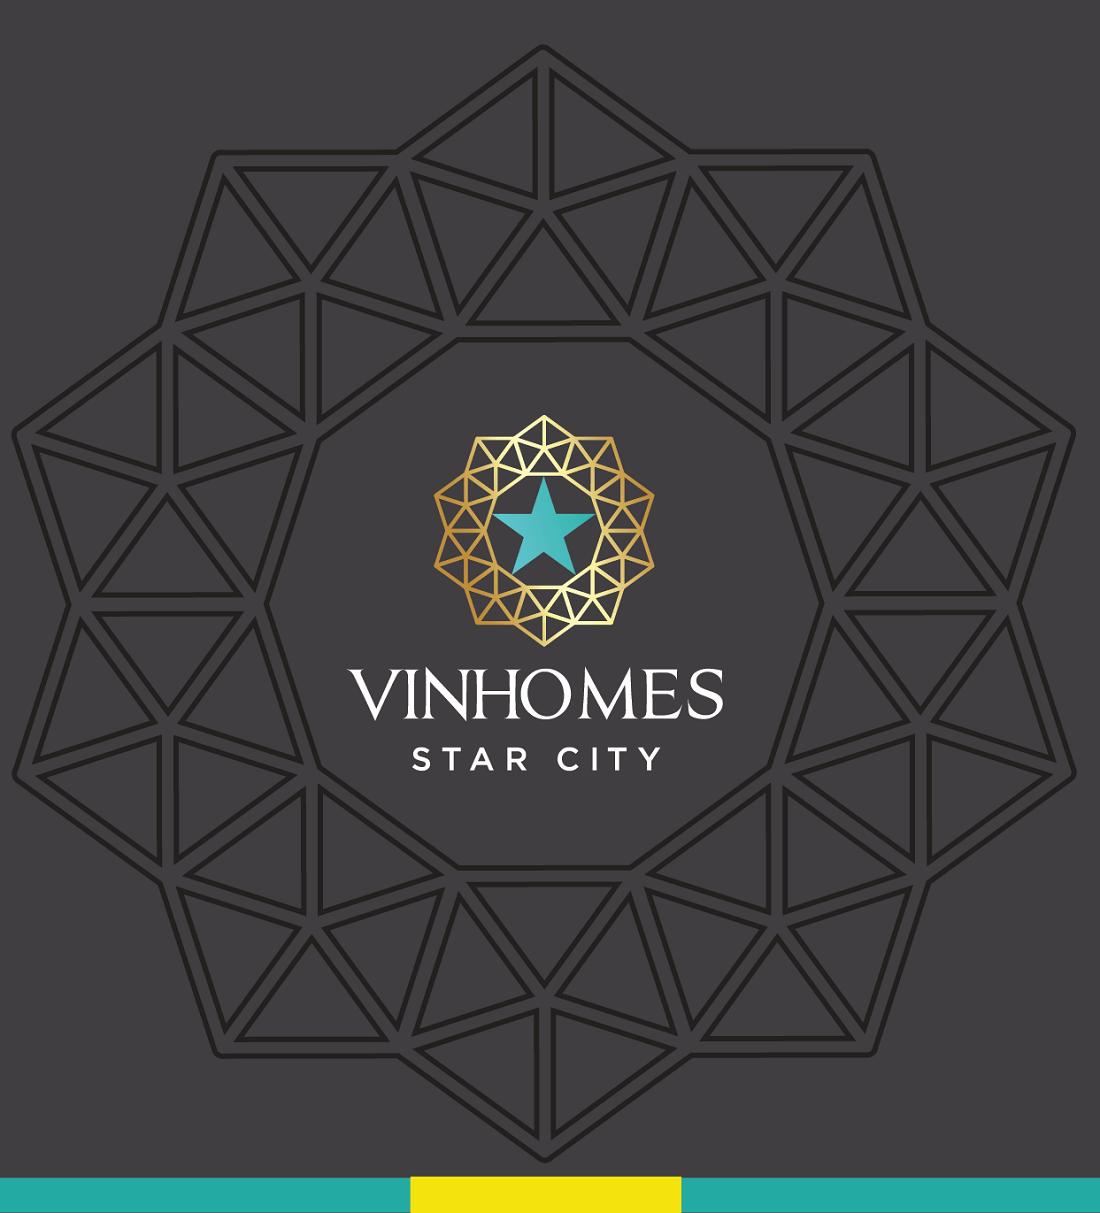 Logo dự án vinhomes star city thanh hóa - Biểu tượng đẳng cấp